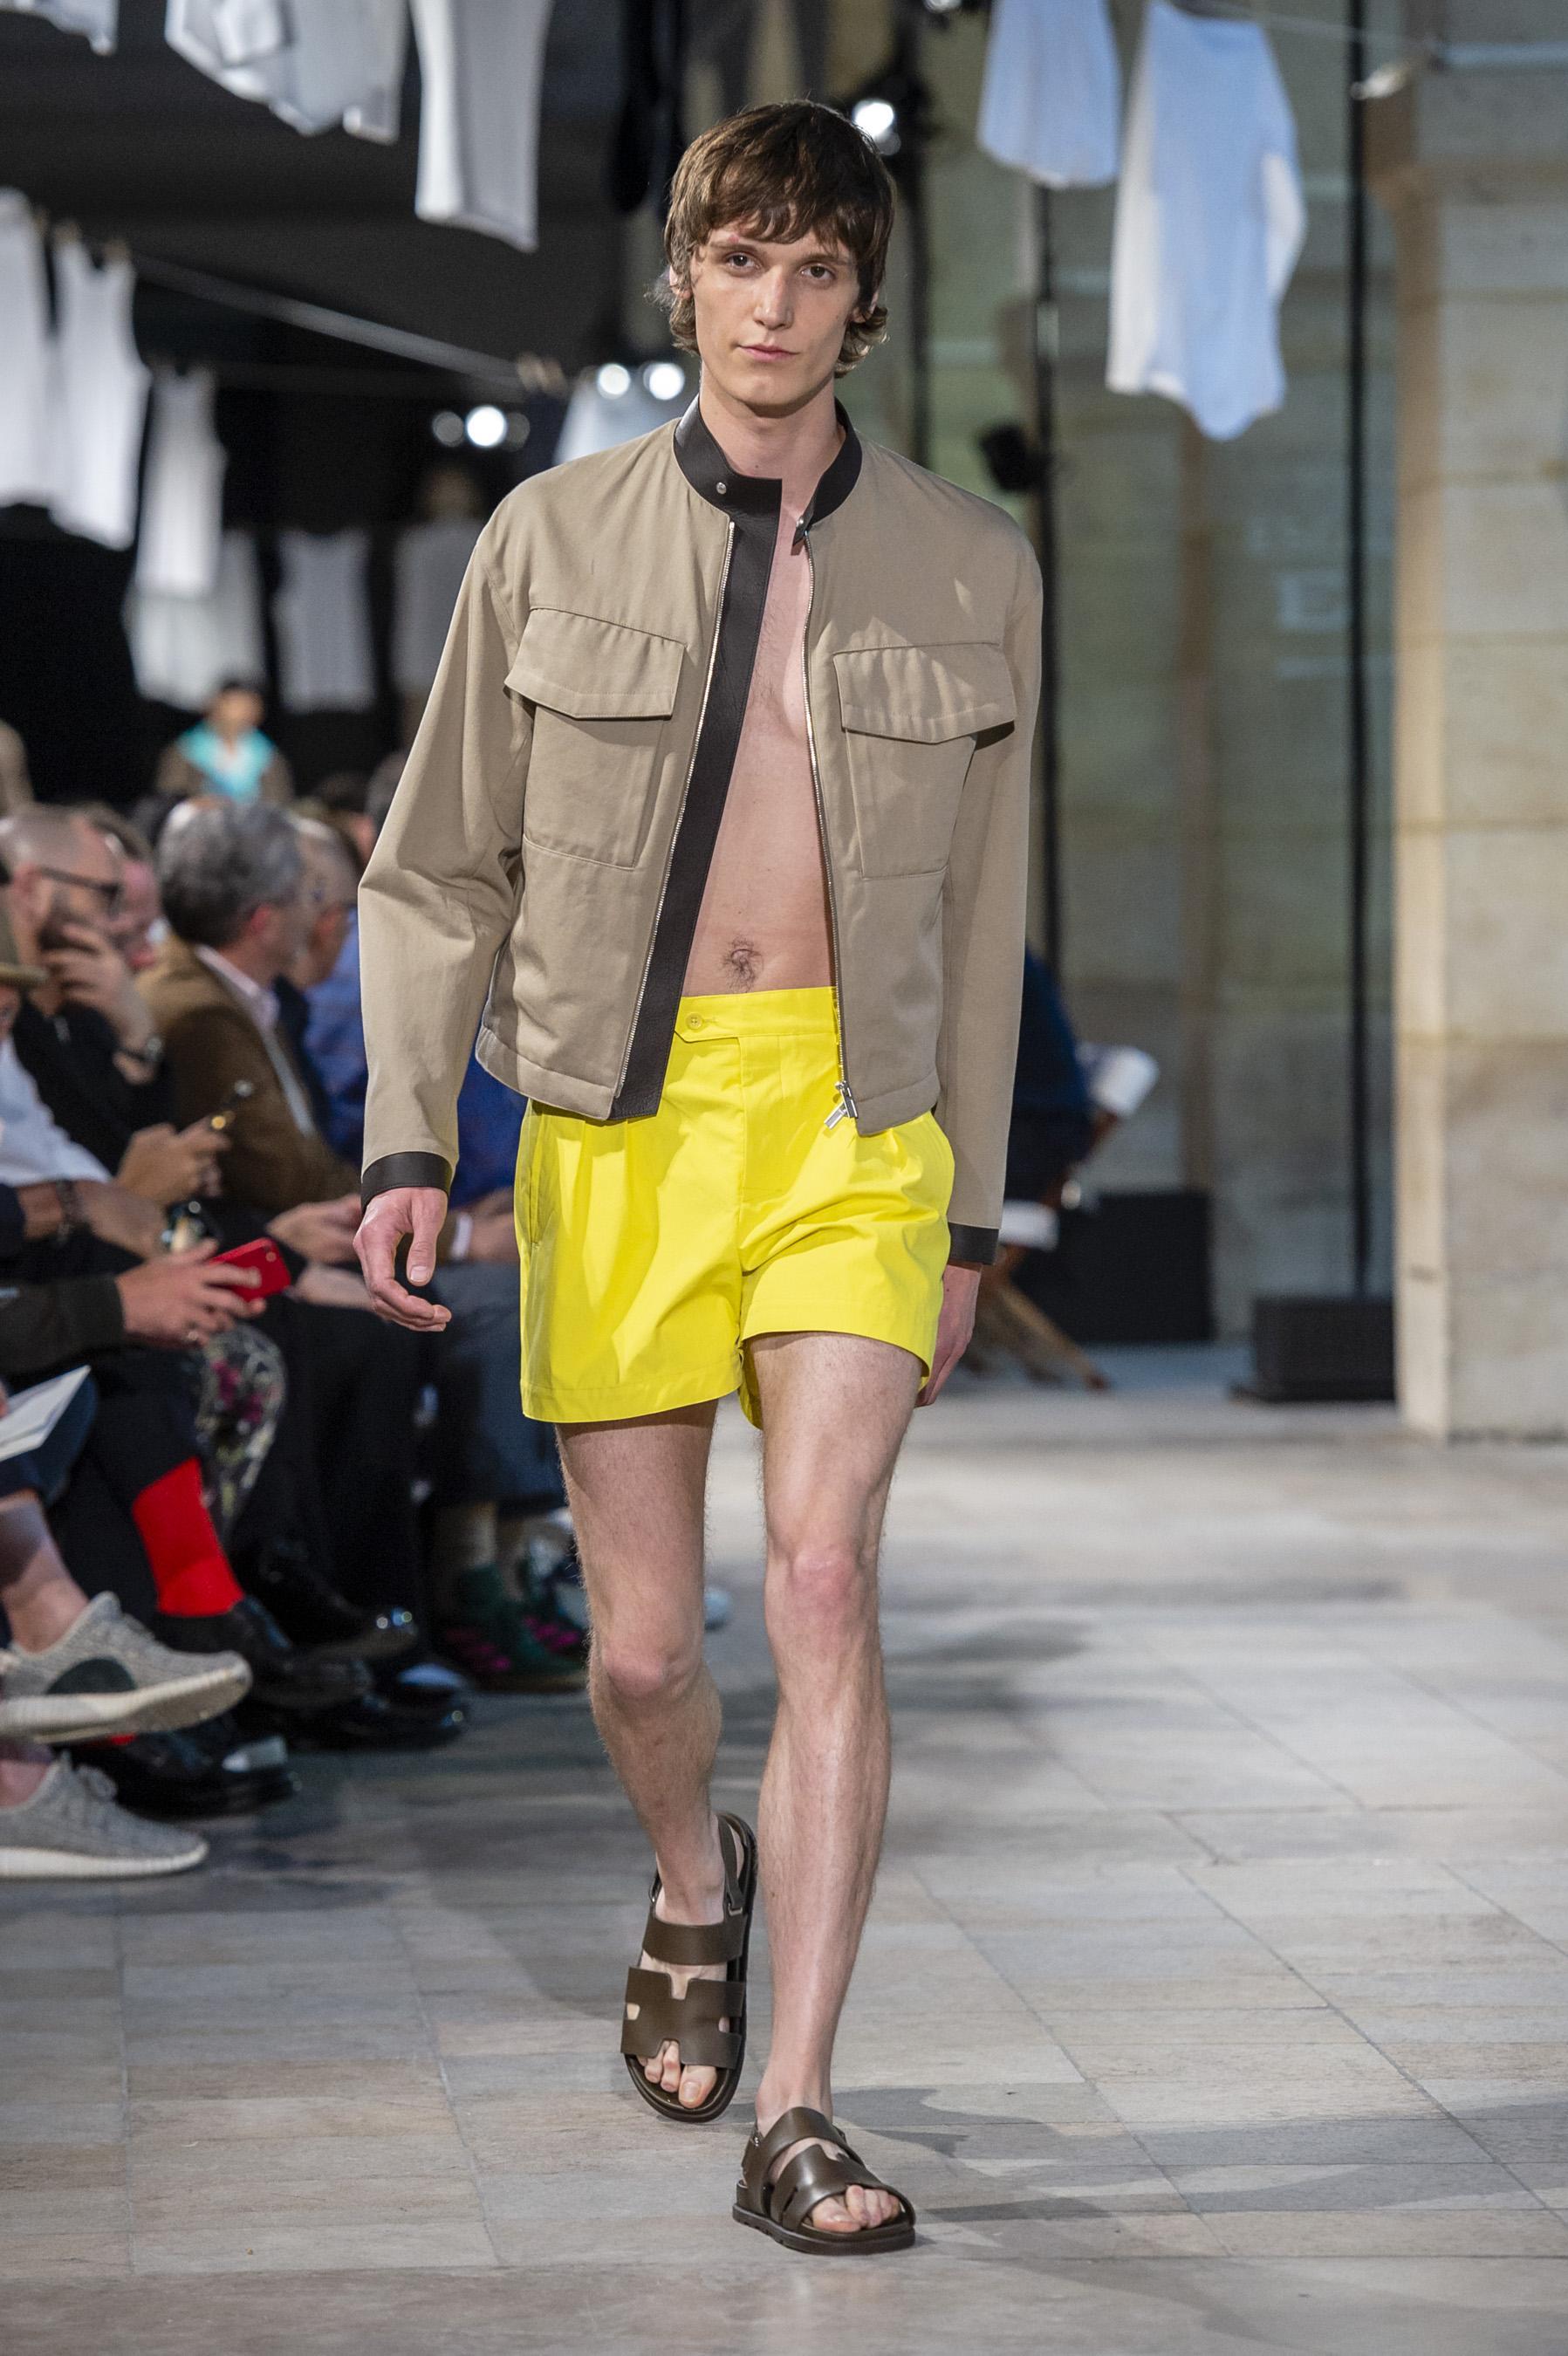 Défilé Hermès printemps-été 2019 Homme - Madame Figaro 596f405b88d